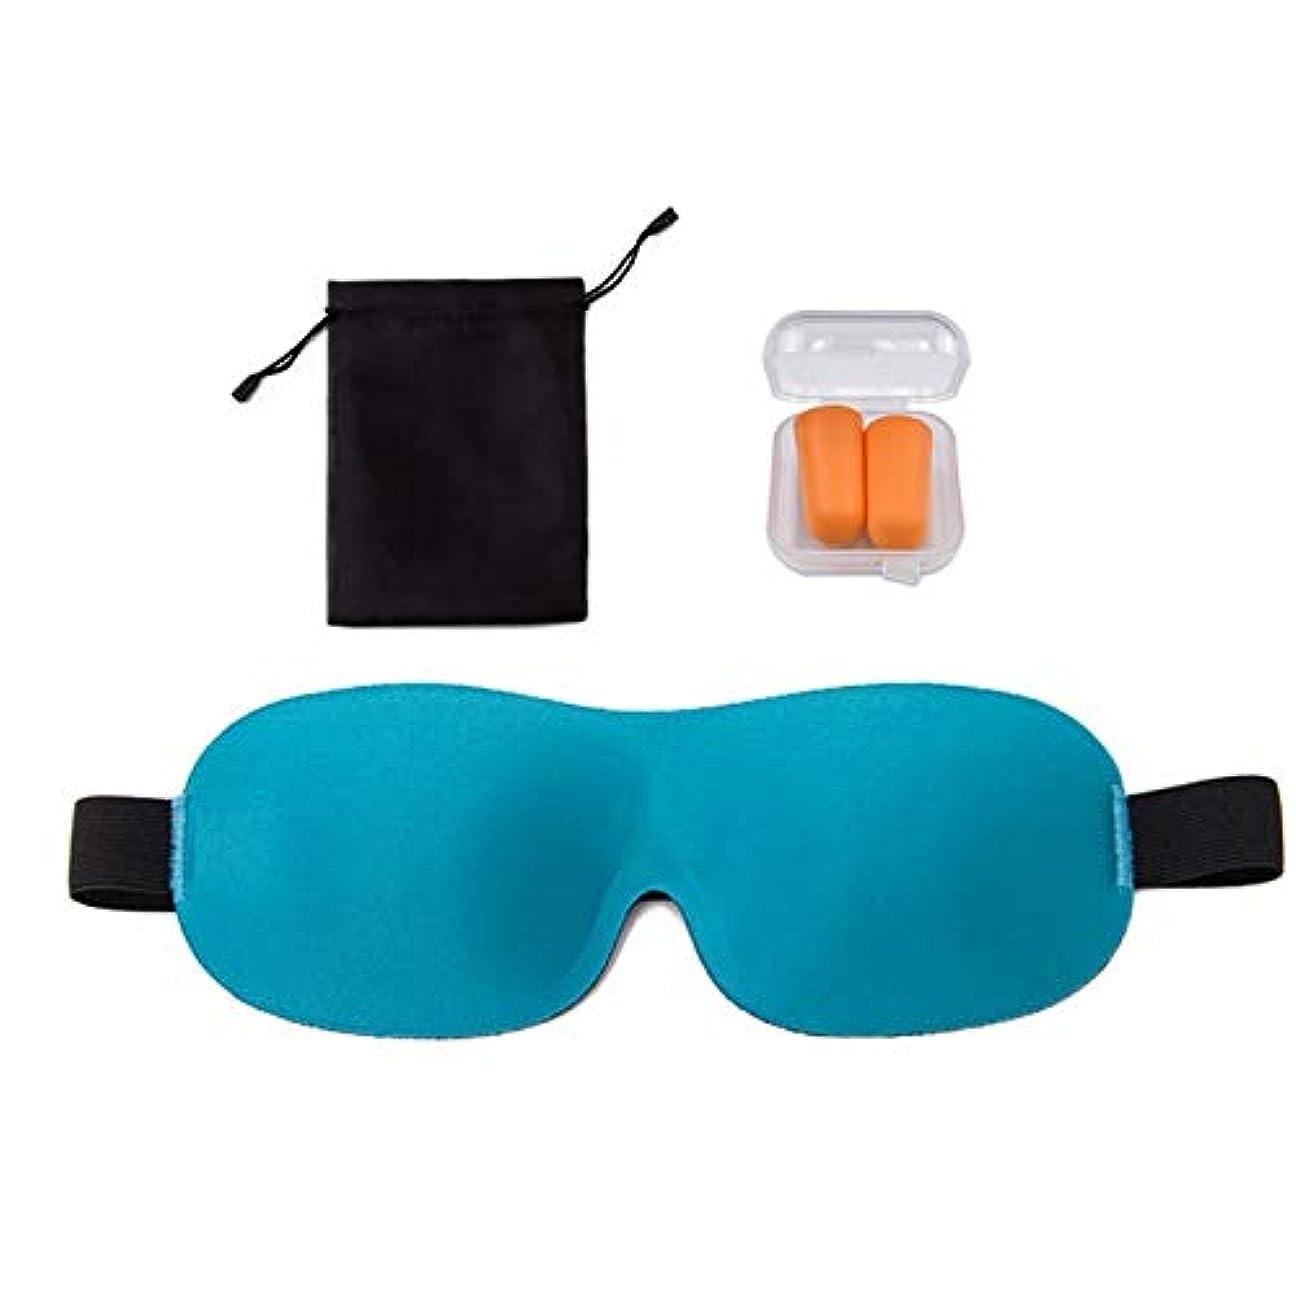 考慮十分ですオールNOTE 3d睡眠マスクアイシャドーコンシーラー穏やかなナチュラルカバー目隠しアイシェードマスク睡眠旅行オフィスアイ減圧ツール